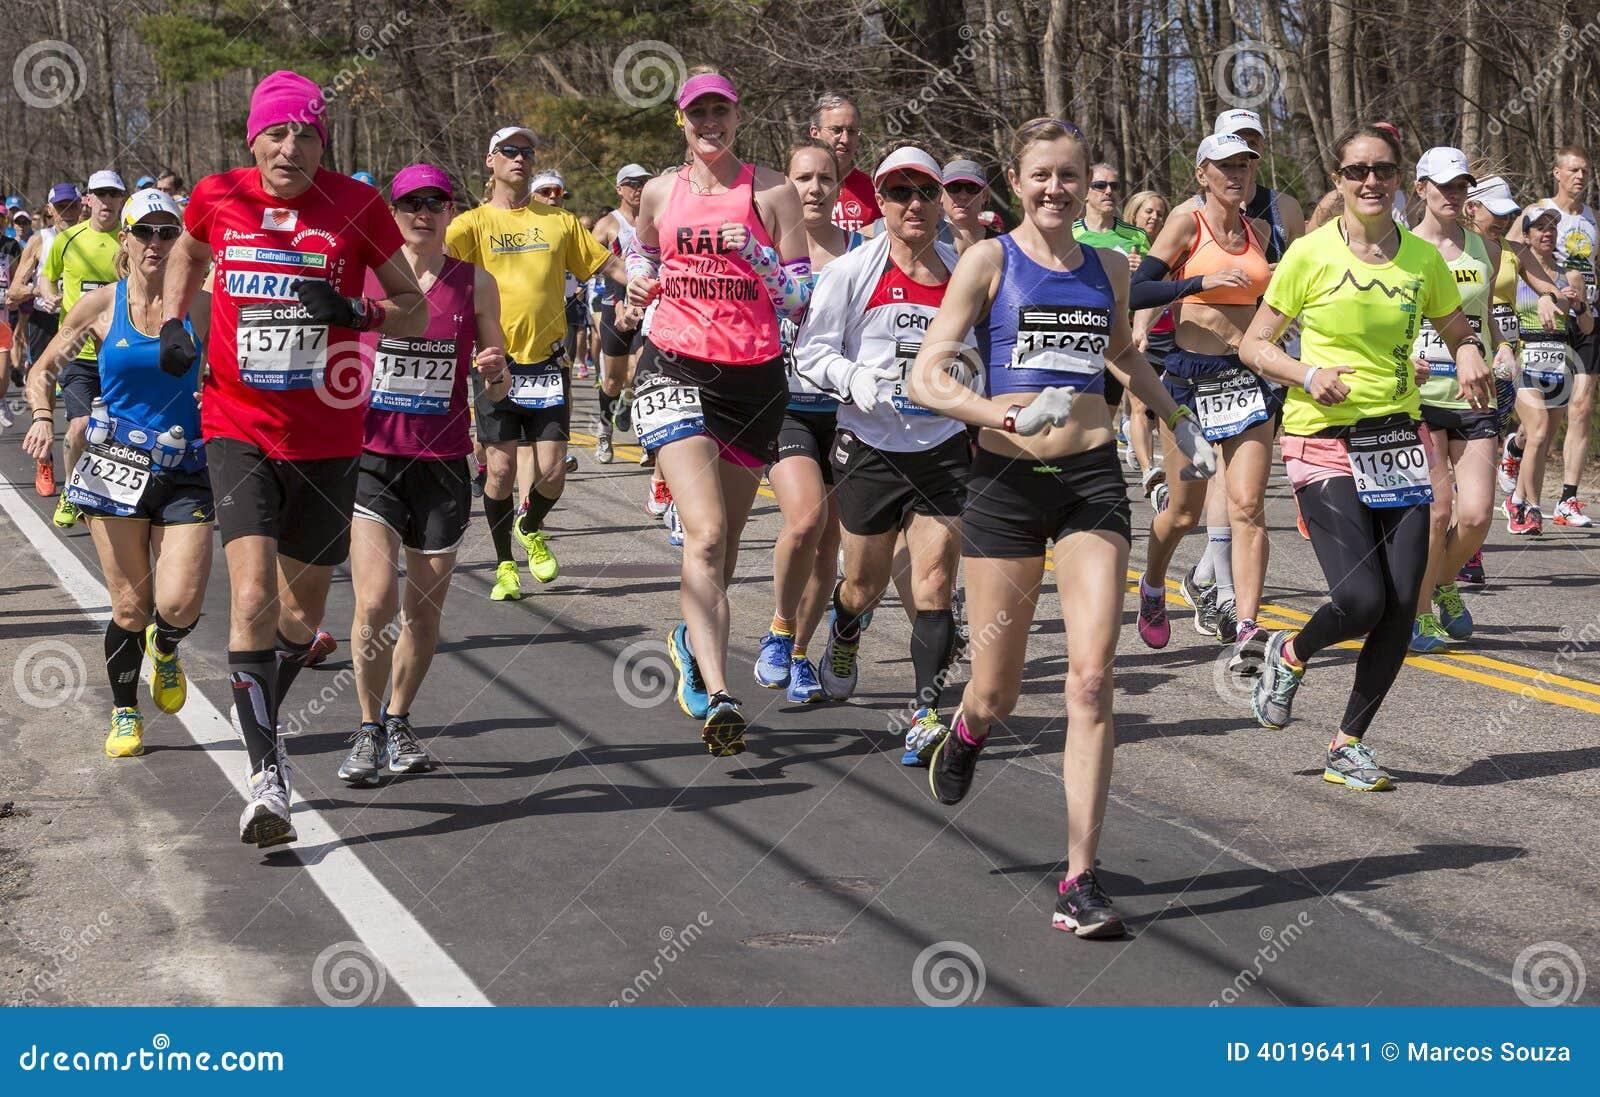 The Boston Marathon 2014